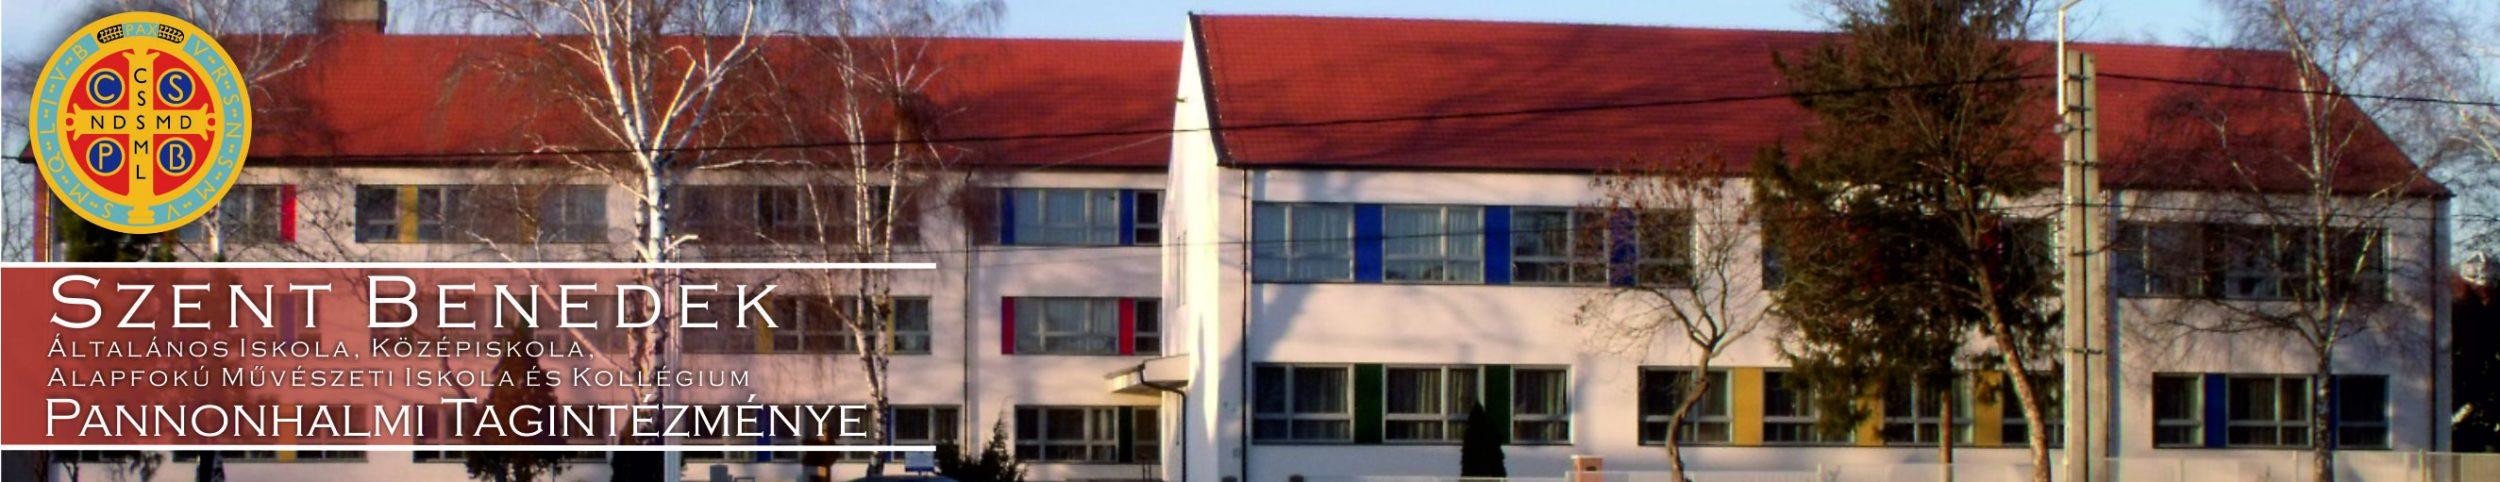 Szent Benedek Általános Iskola, Középiskola, Alapfokú Művészeti Iskola és Kollégium Pannonhalmi Tagintézménye